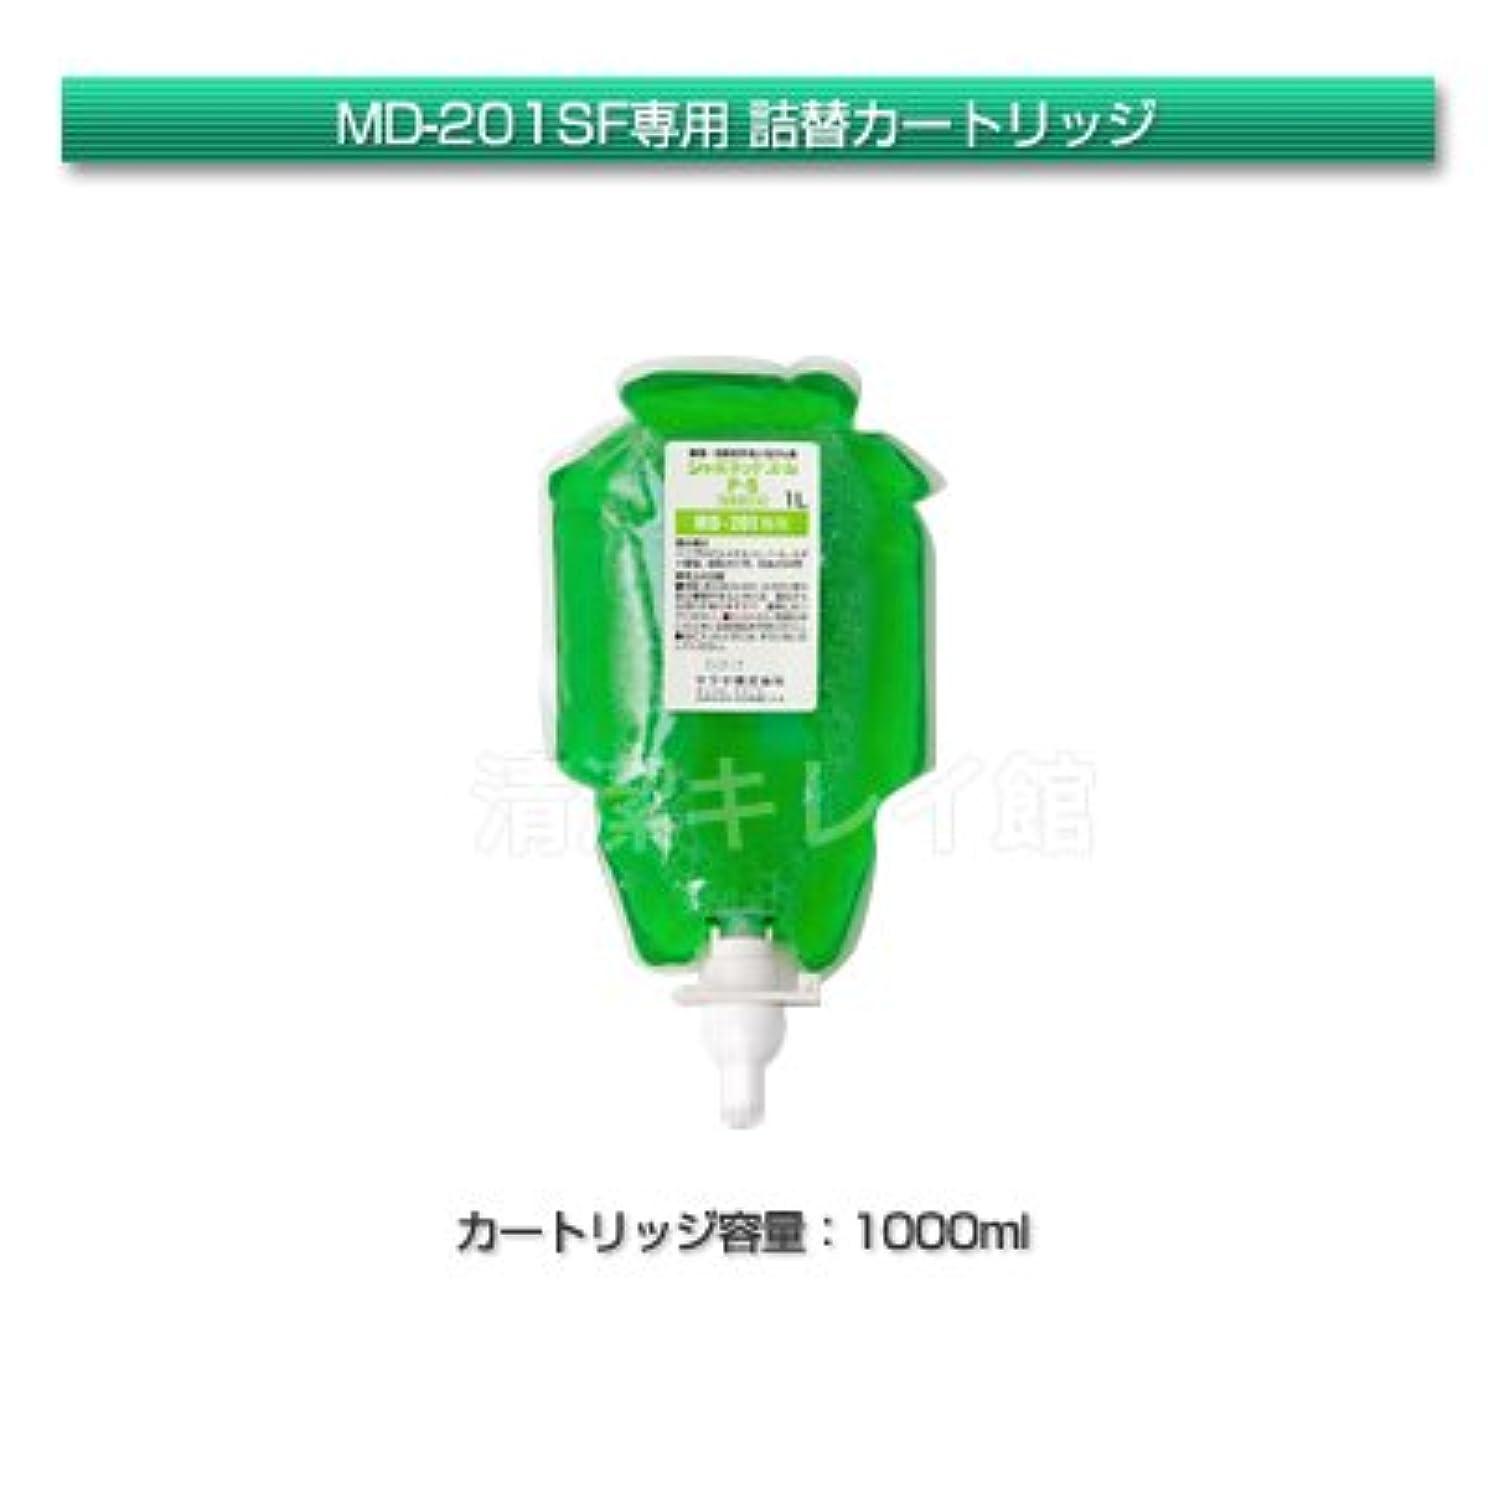 無視できる模索不変サラヤ プッシュ式石鹸液 MD-201SF(泡)専用カートリッジ(ユムP-5)1000ml【清潔キレイ館】